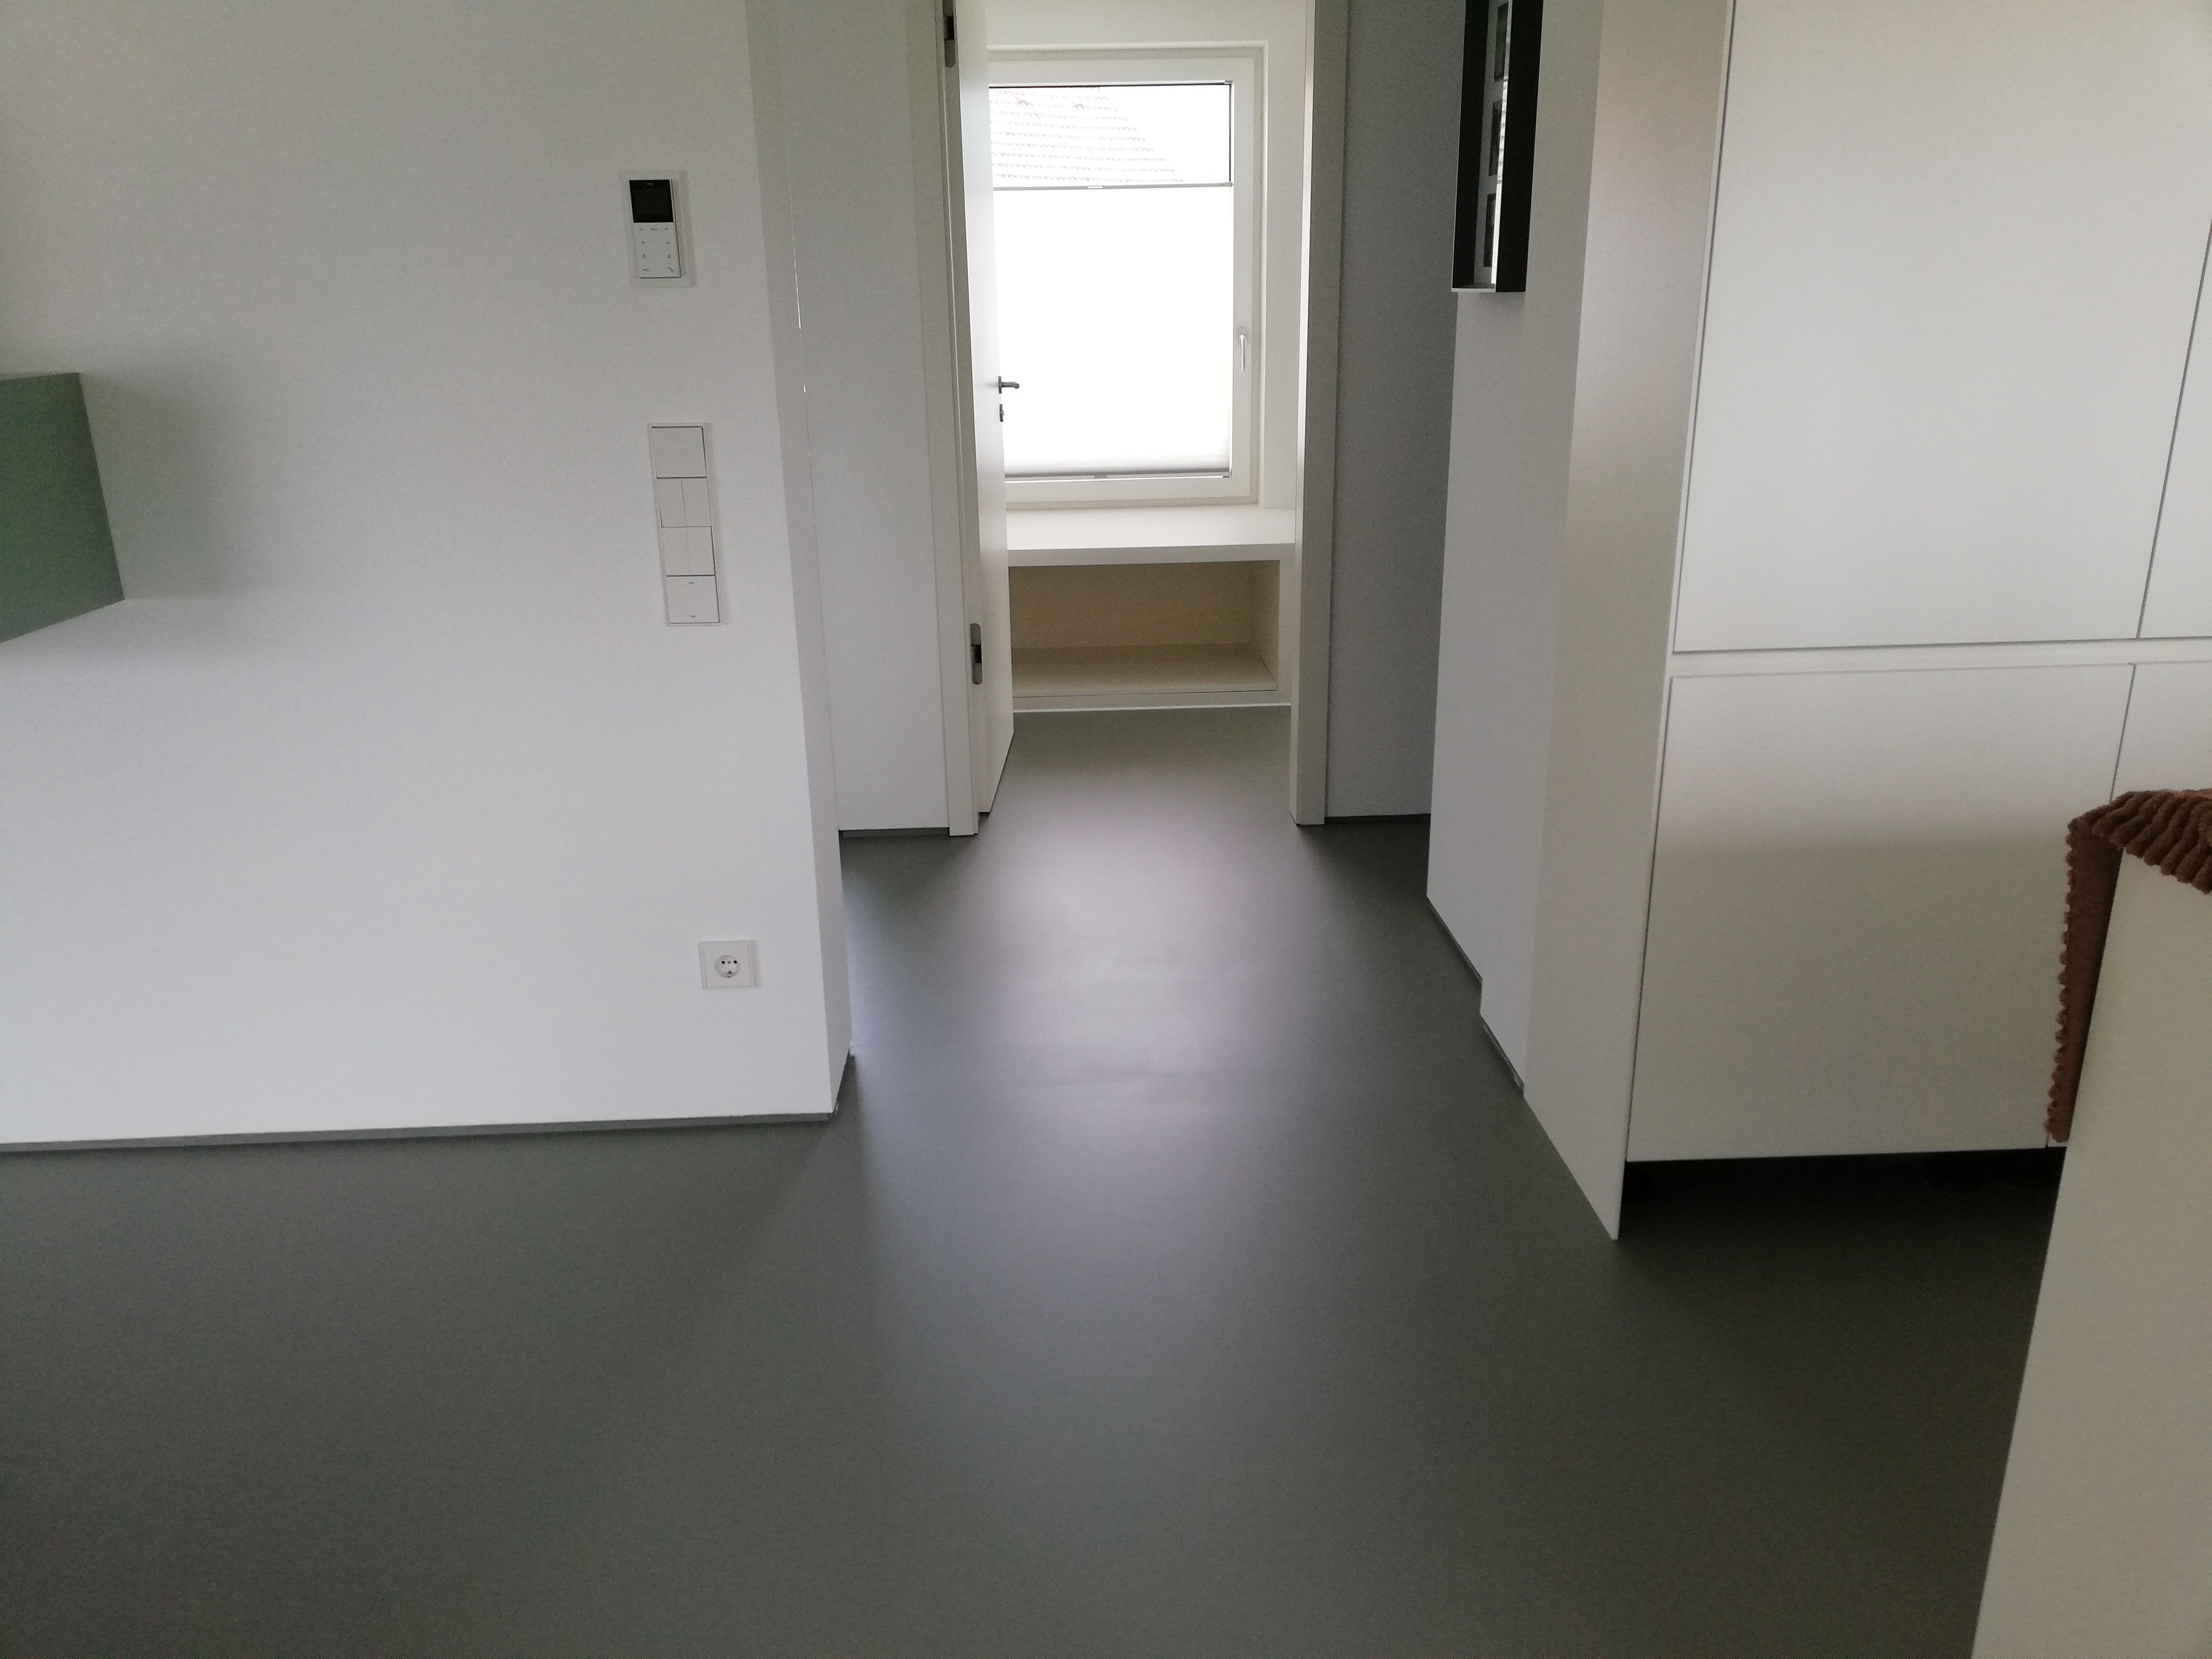 Fußboden Und Farbenwelt Ingelheim ~ D fußboden flur d boden designs bodenbeschichtungen mit d